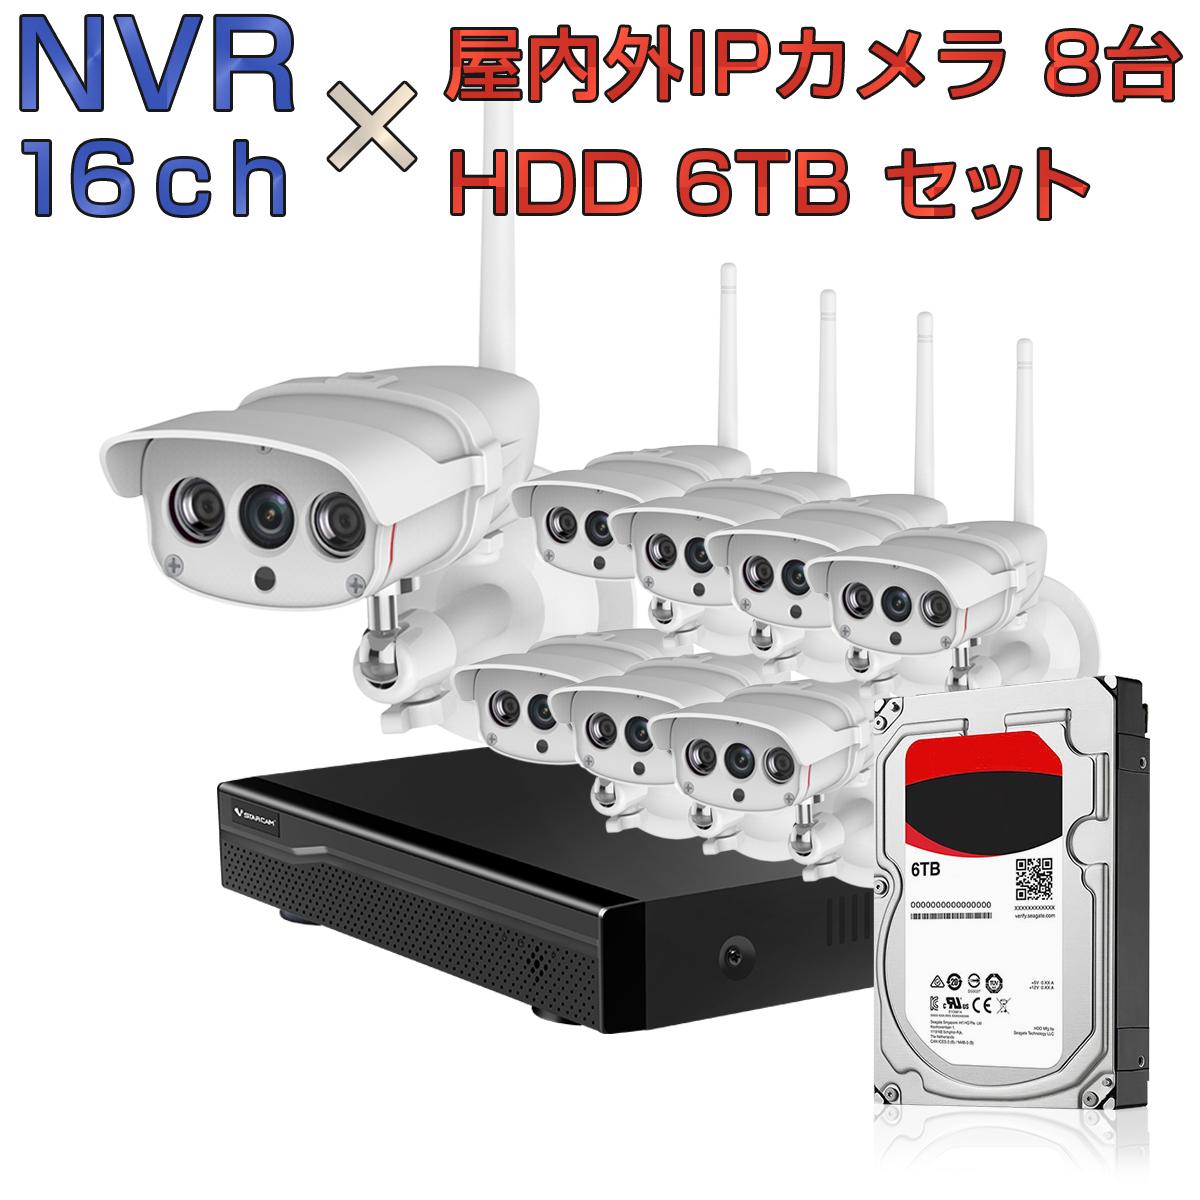 NVR ネットワークビデオレコーダー 16ch HDD6TB内蔵 C16S 2K 1080p 200万画素カメラ 8台セット IP ONVIF形式 スマホ対応 遠隔監視 FHD 動体検知 同時出力 録音対応 H.265+ IPカメラレコーダー監視システム 6ヶ月保証 K&M